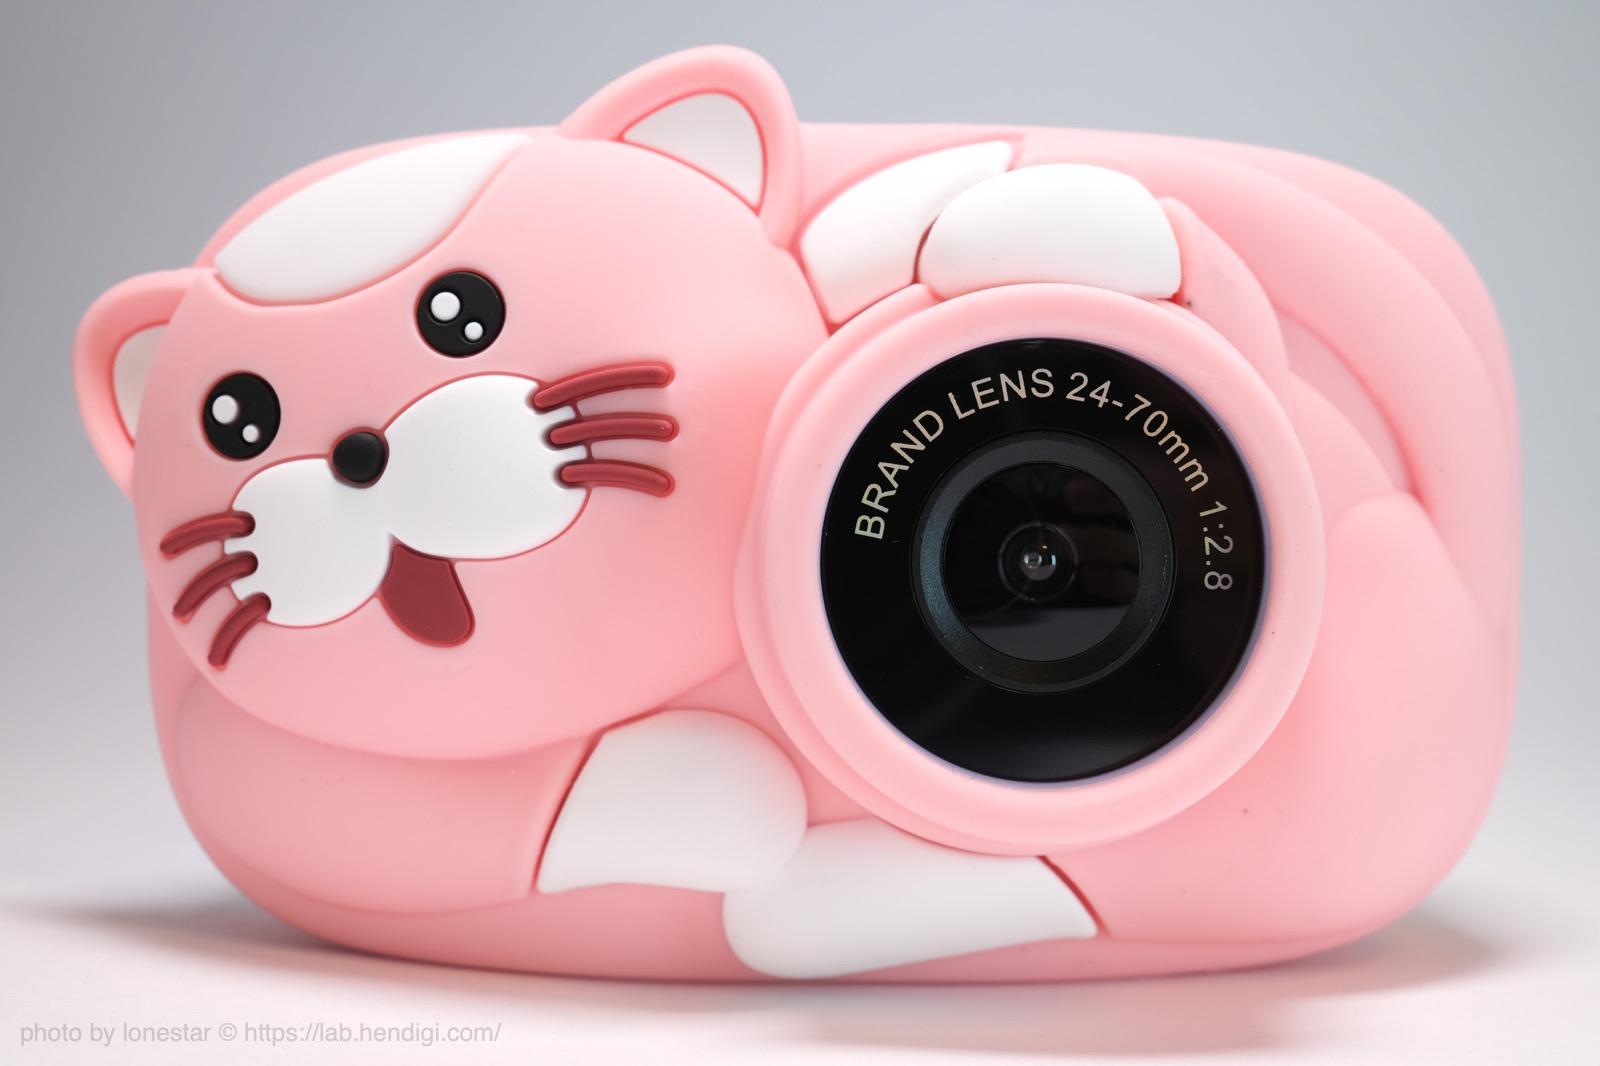 ネコ型 LeaderPro キッズカメラ